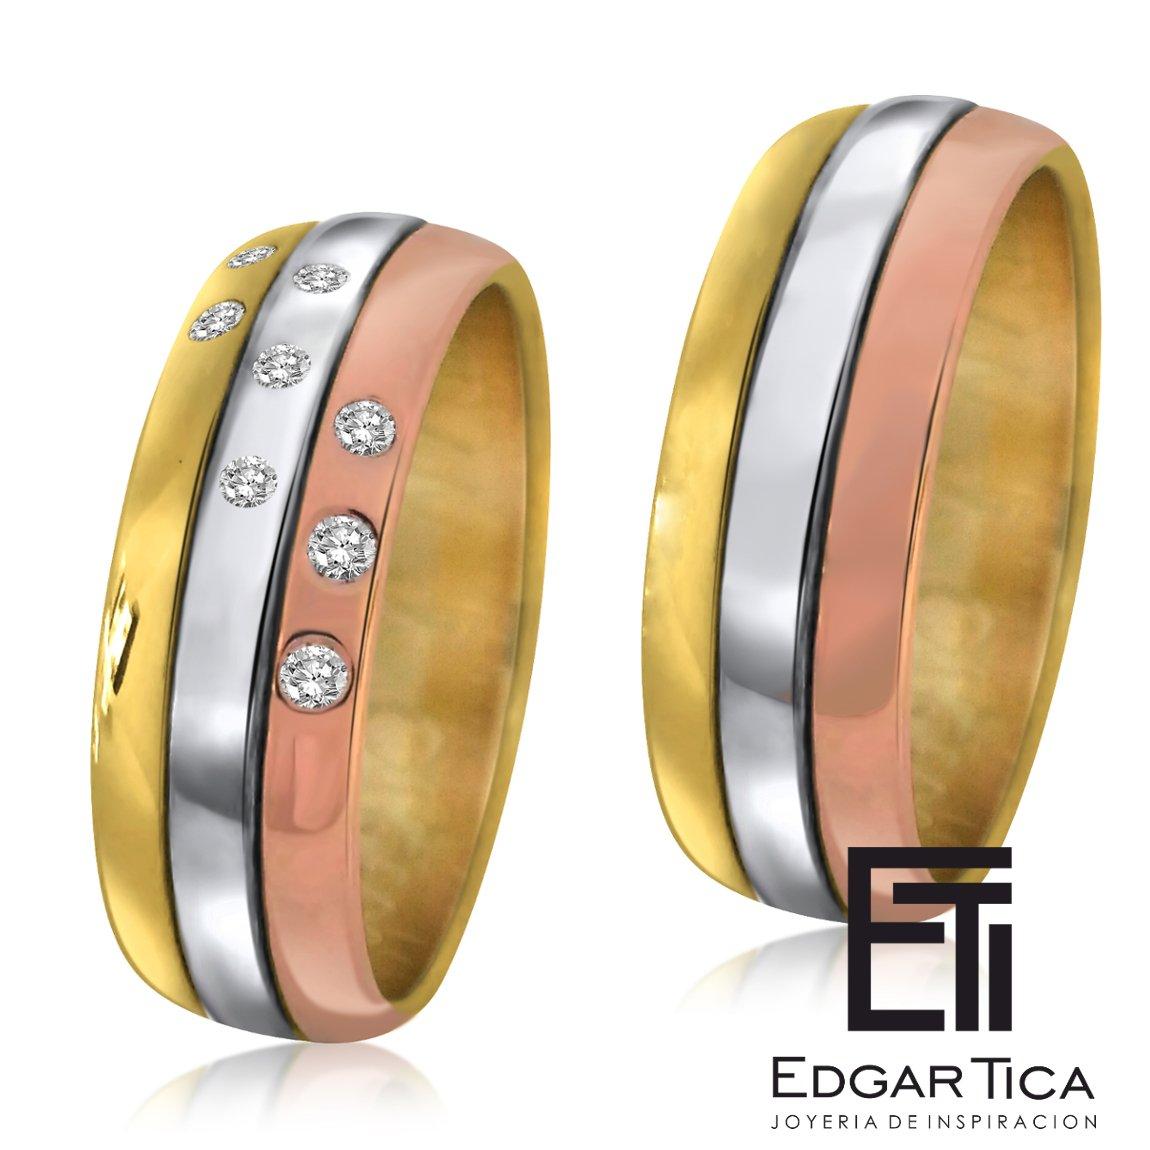 47eb4bedcf19 K Ukuyay Anillos De Matrimonio De Oro Tres Colores 18k Edgar Tica